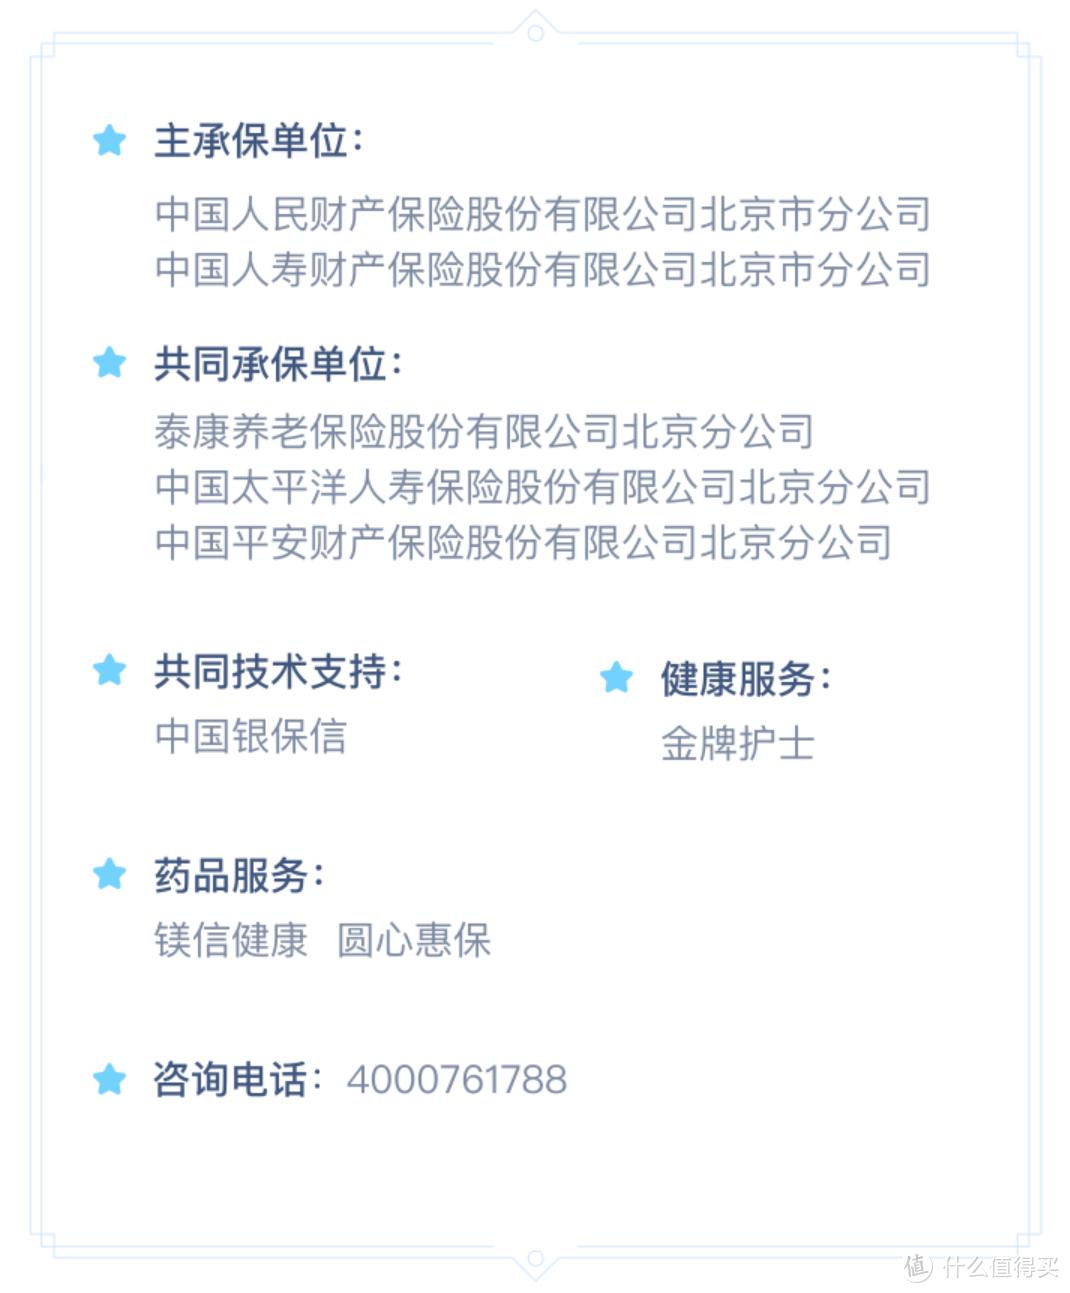 社保福利:北京普惠健康保上线,保障有哪些?和商业保险区别在哪?